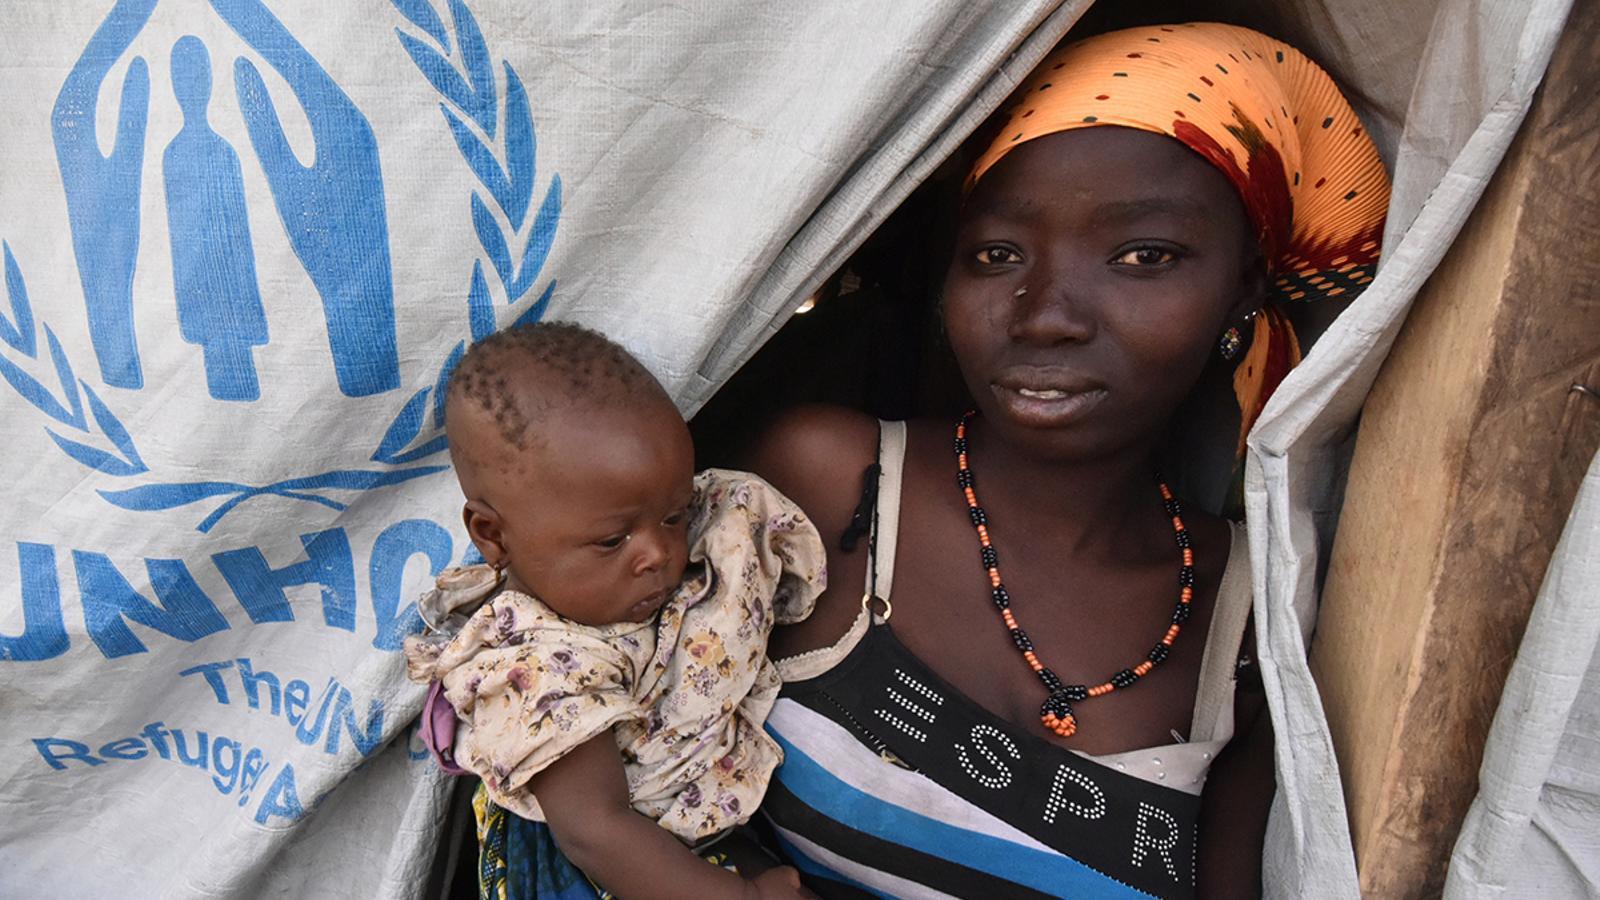 Una menor nigeriana amb el seu fill petit, en un dels camps de refugiats instal·lat per l'ONU. REUTERS